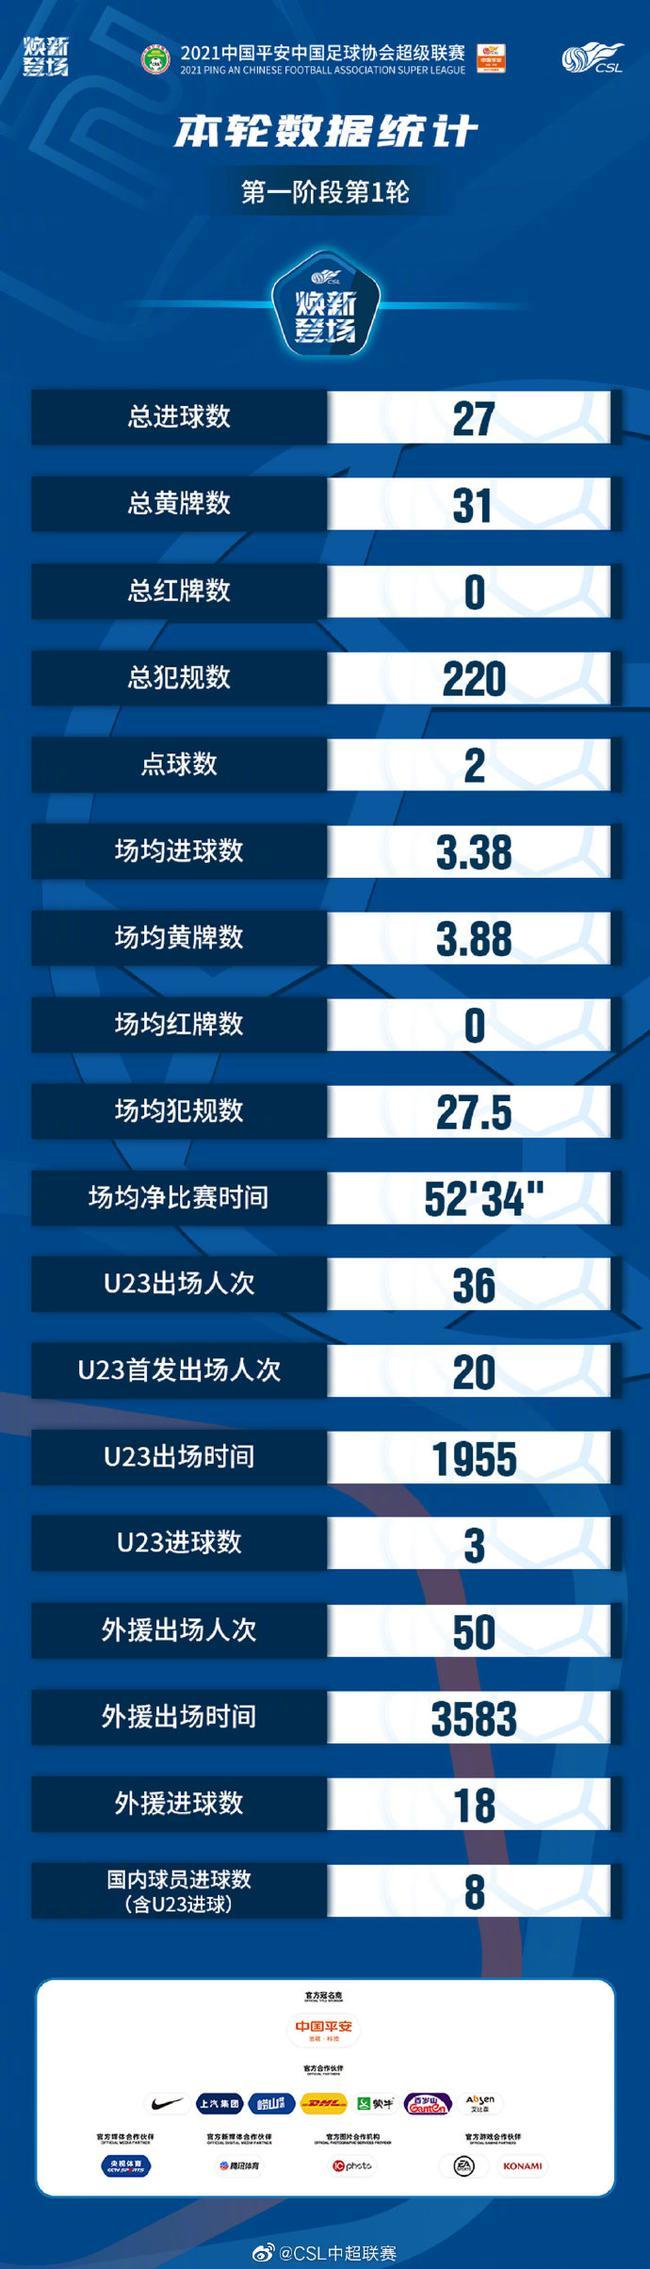 【博狗扑克】中超首轮数据统计:总进球数27球 净比赛时间52分